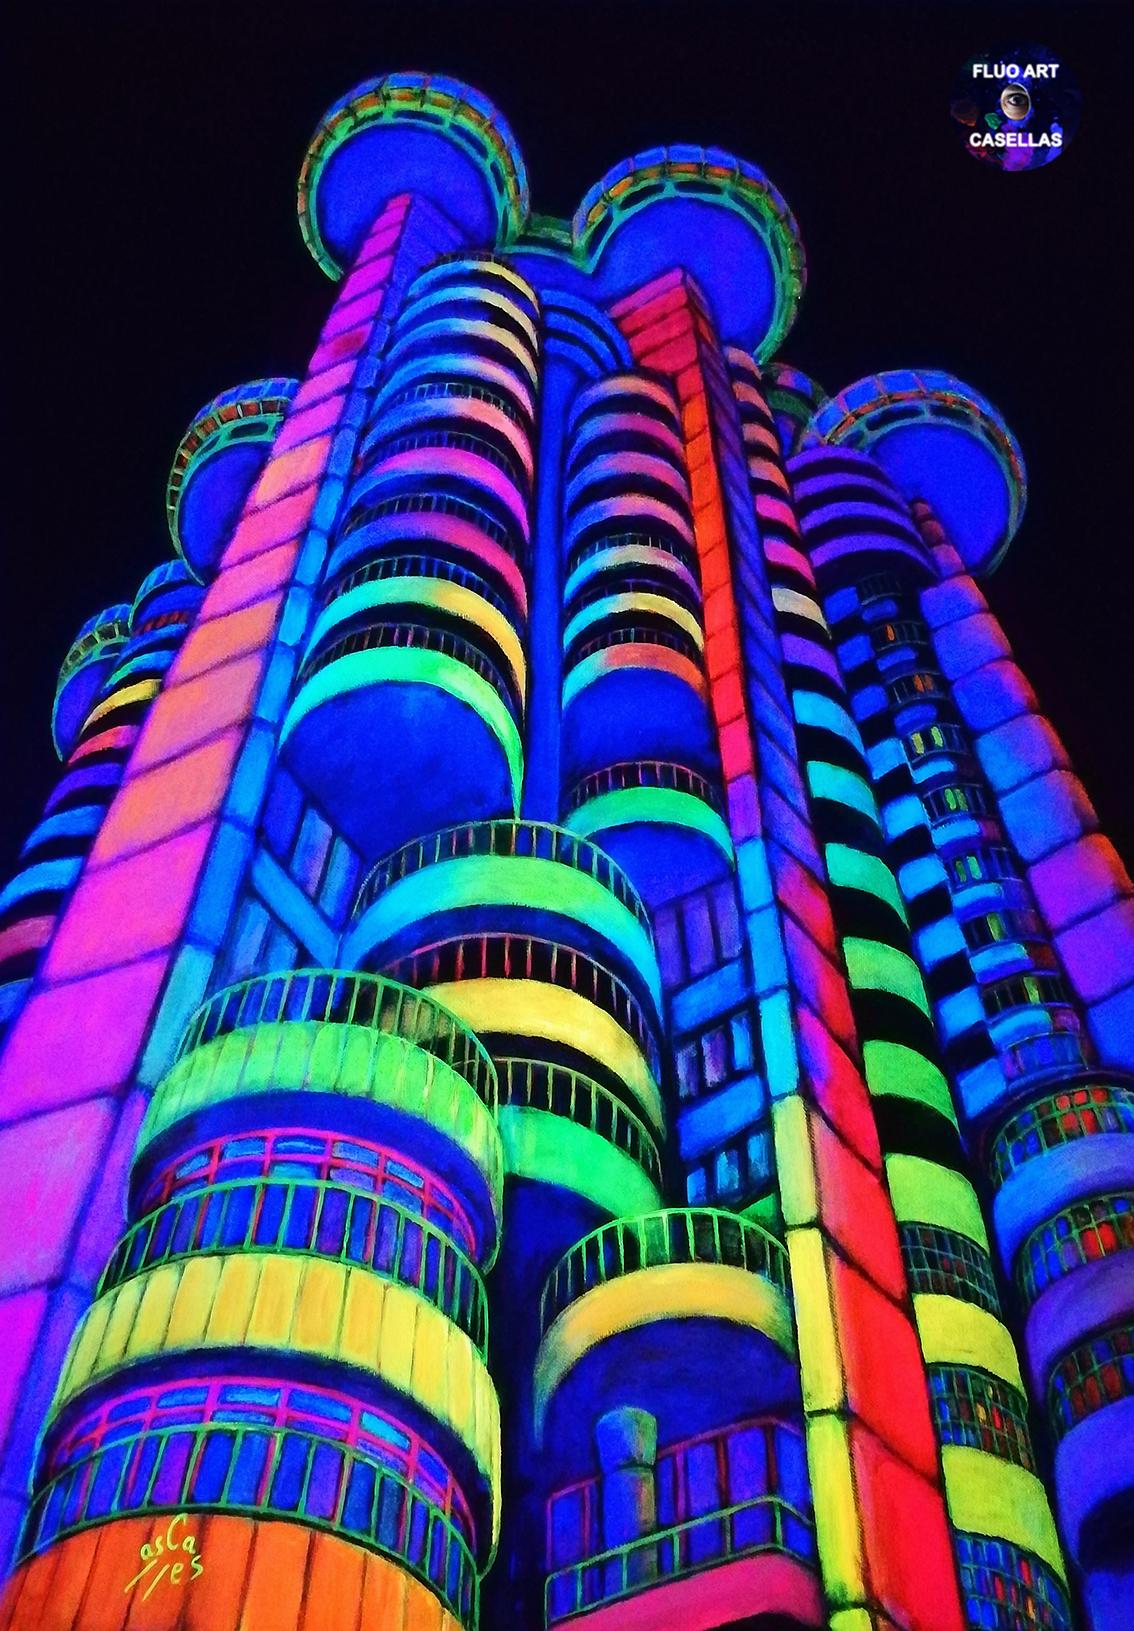 Vicky-Casellas.-Torres-Blancas.-Colección-Night-City-Lights.-Luz-negra